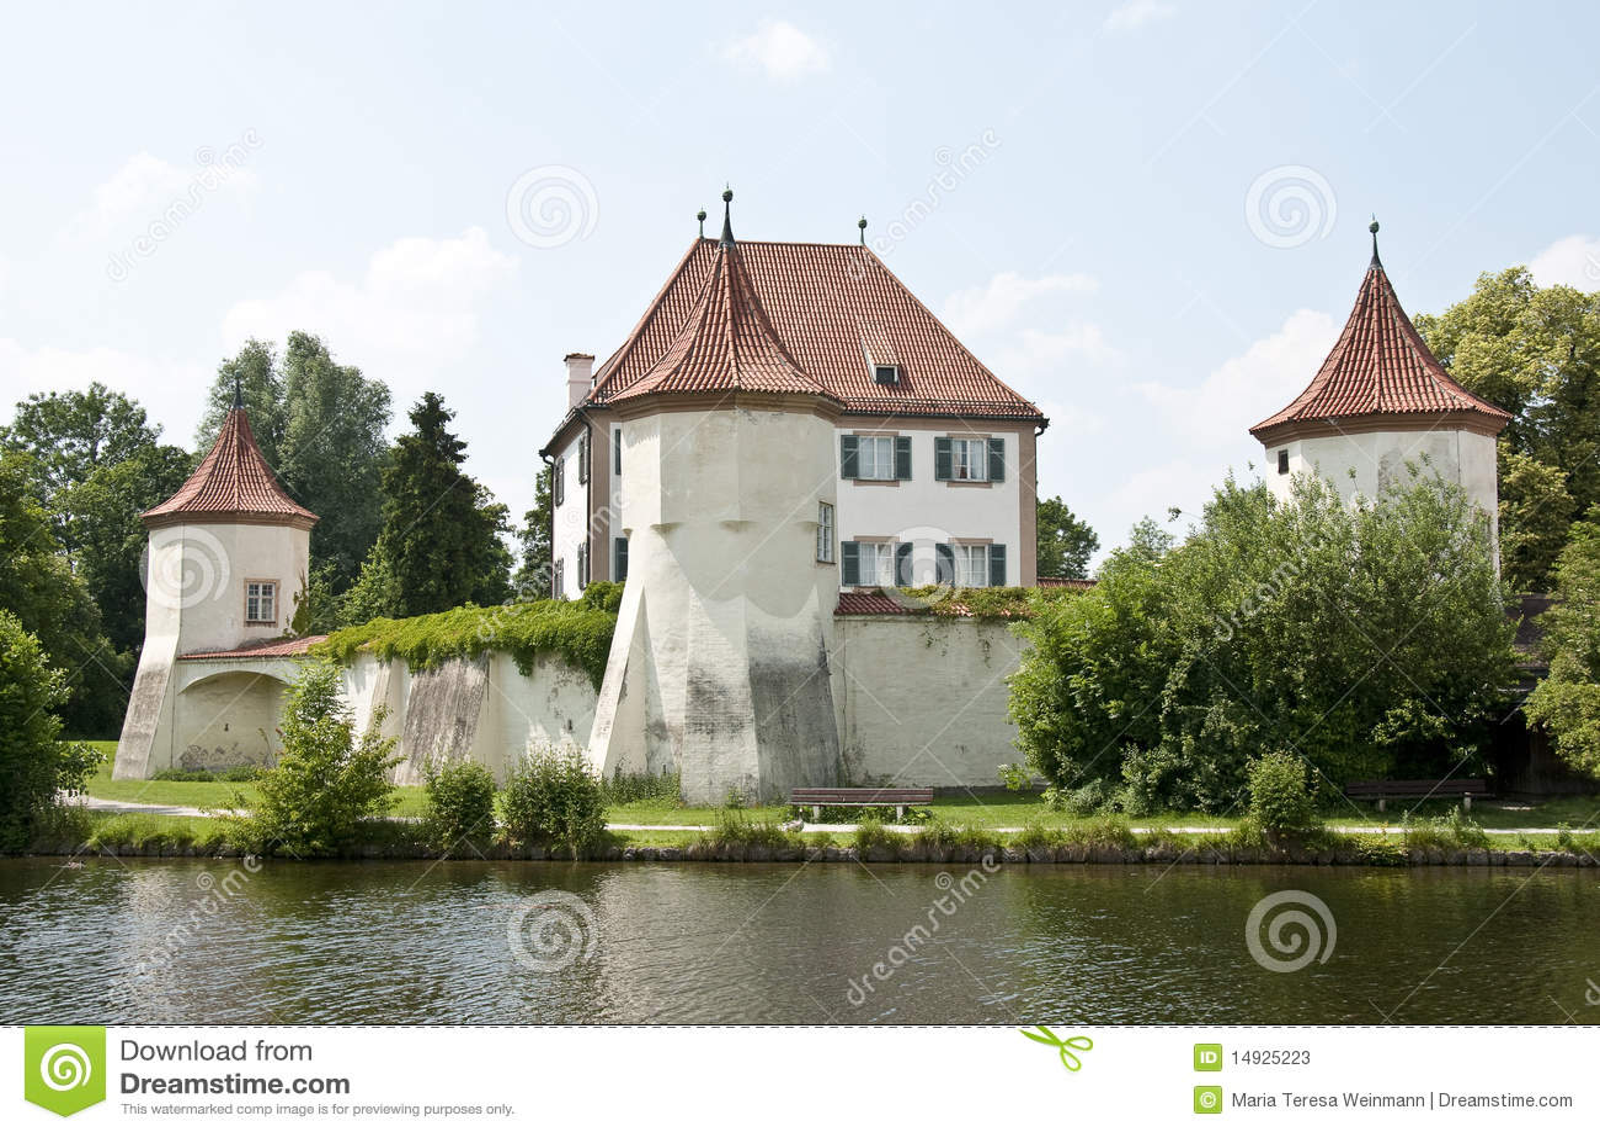 Munich - blutenburg castle